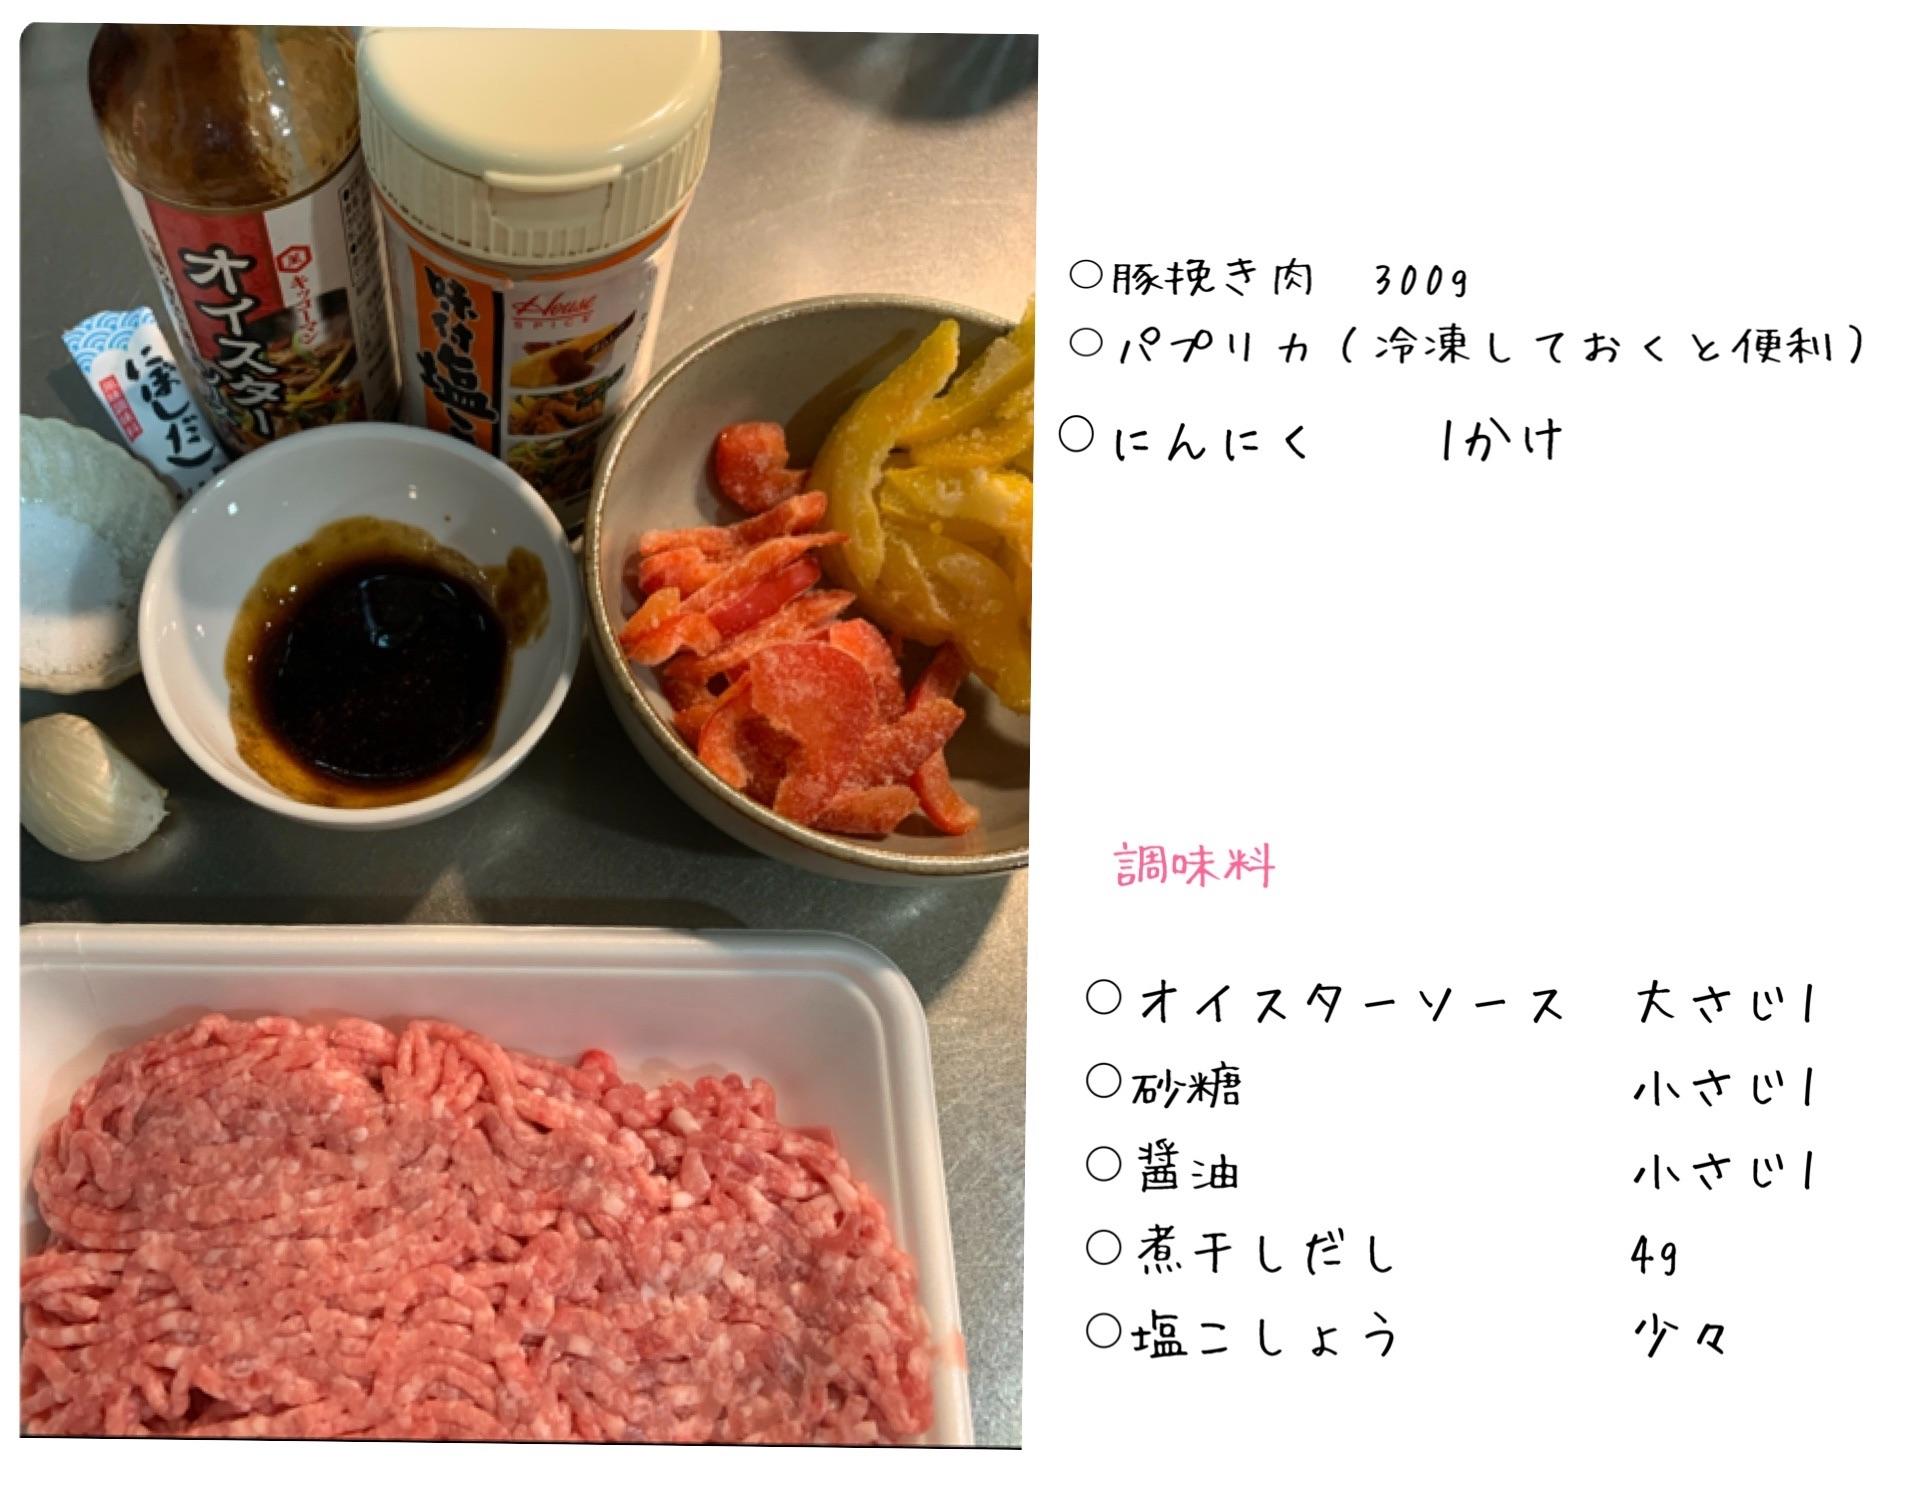 f:id:ikiruikeru43:20200510204126j:image